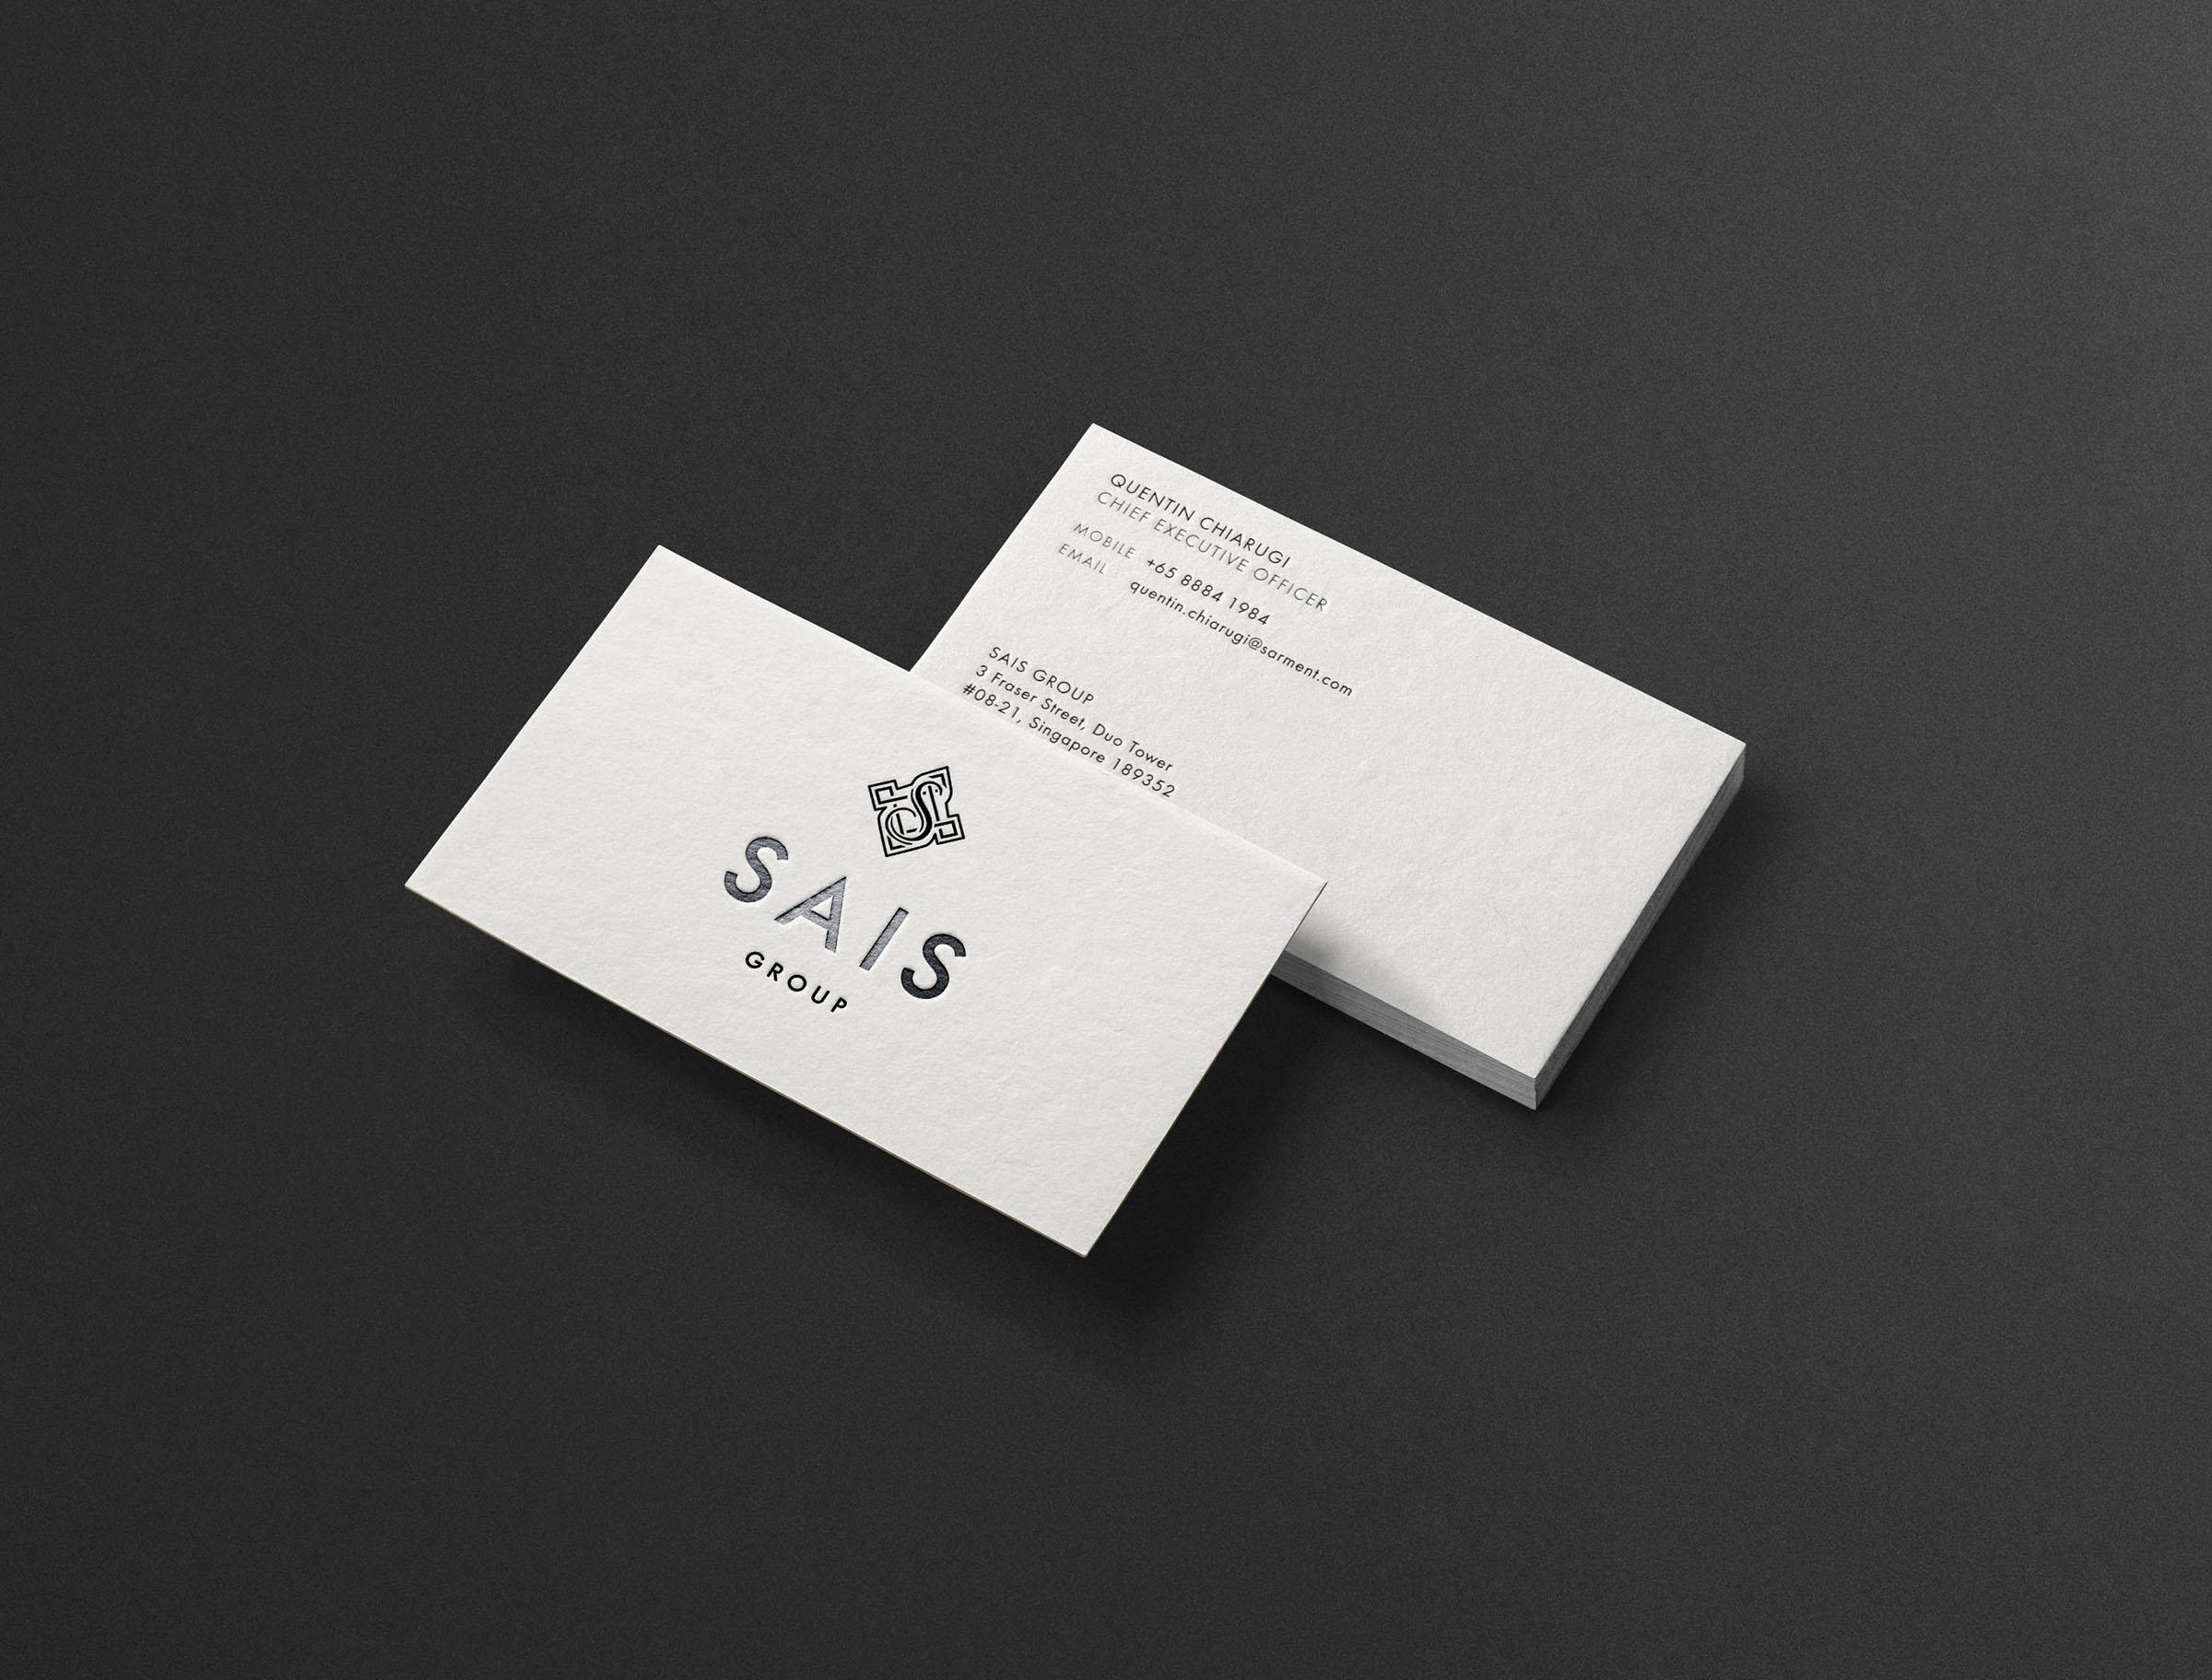 SAIS Namecard